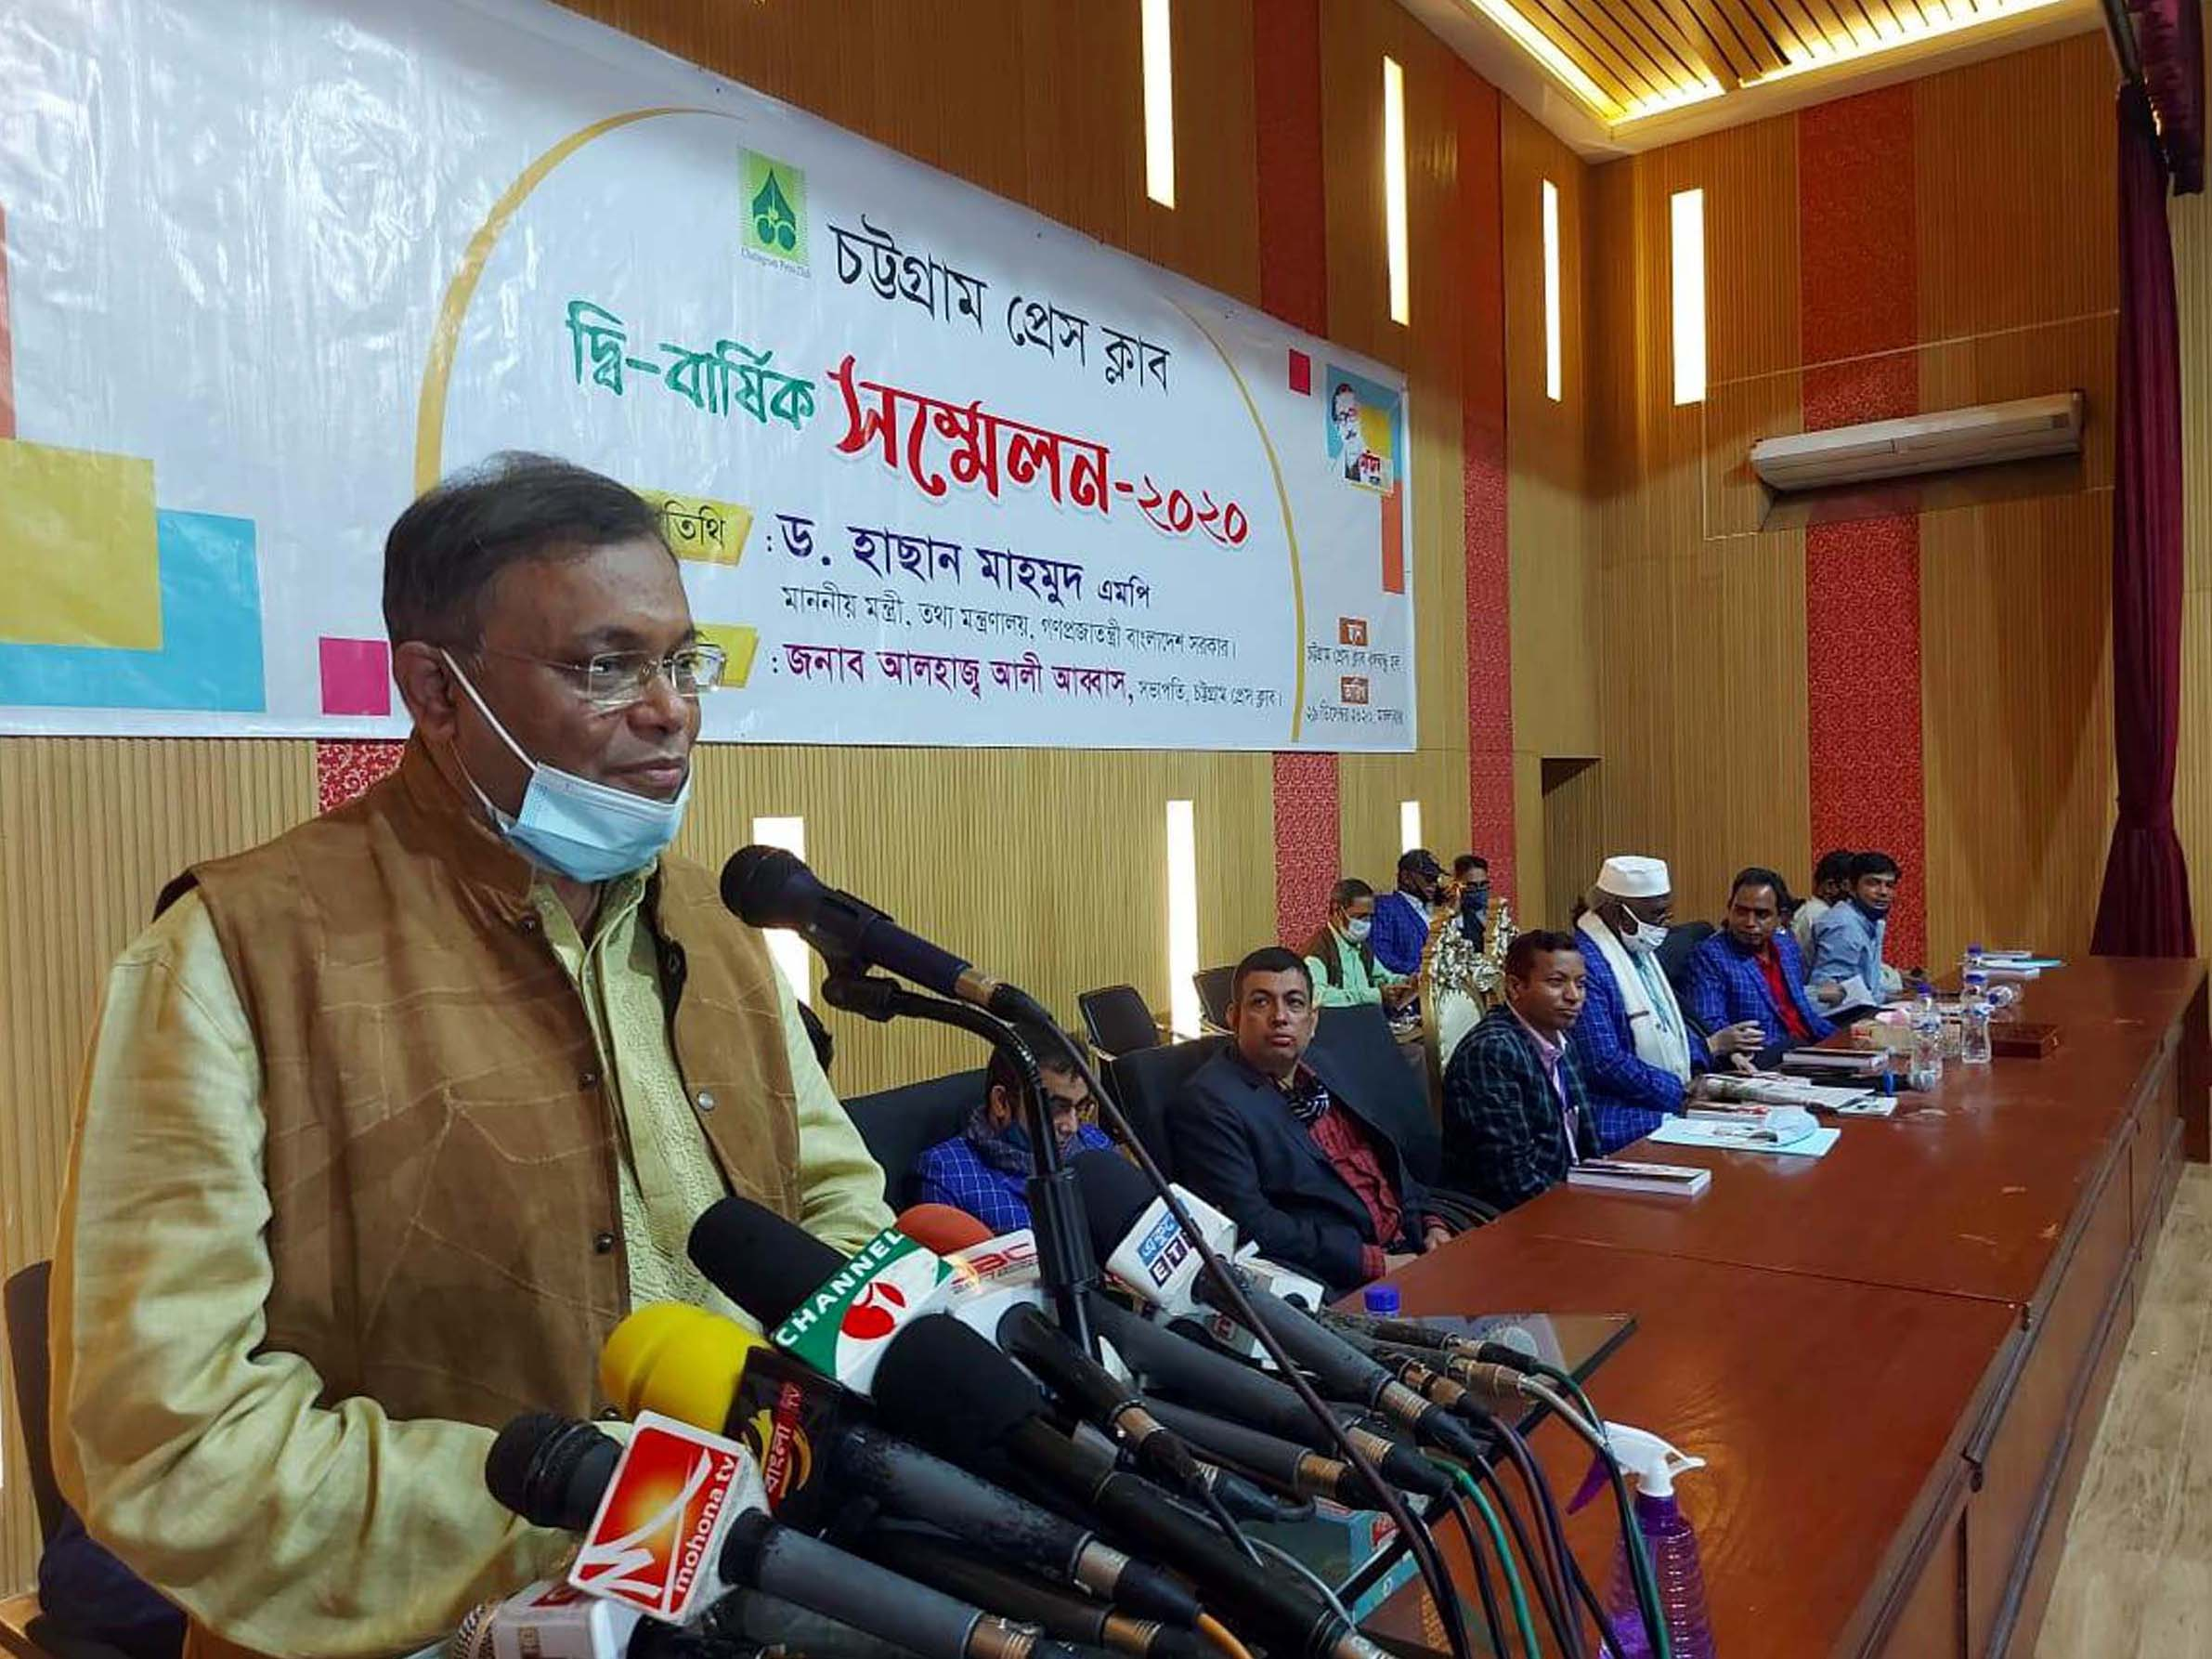 চট্টগ্রাম প্রেসক্লাবের দ্বিবার্ষিক সম্মেলনে তথ্যমন্ত্রী